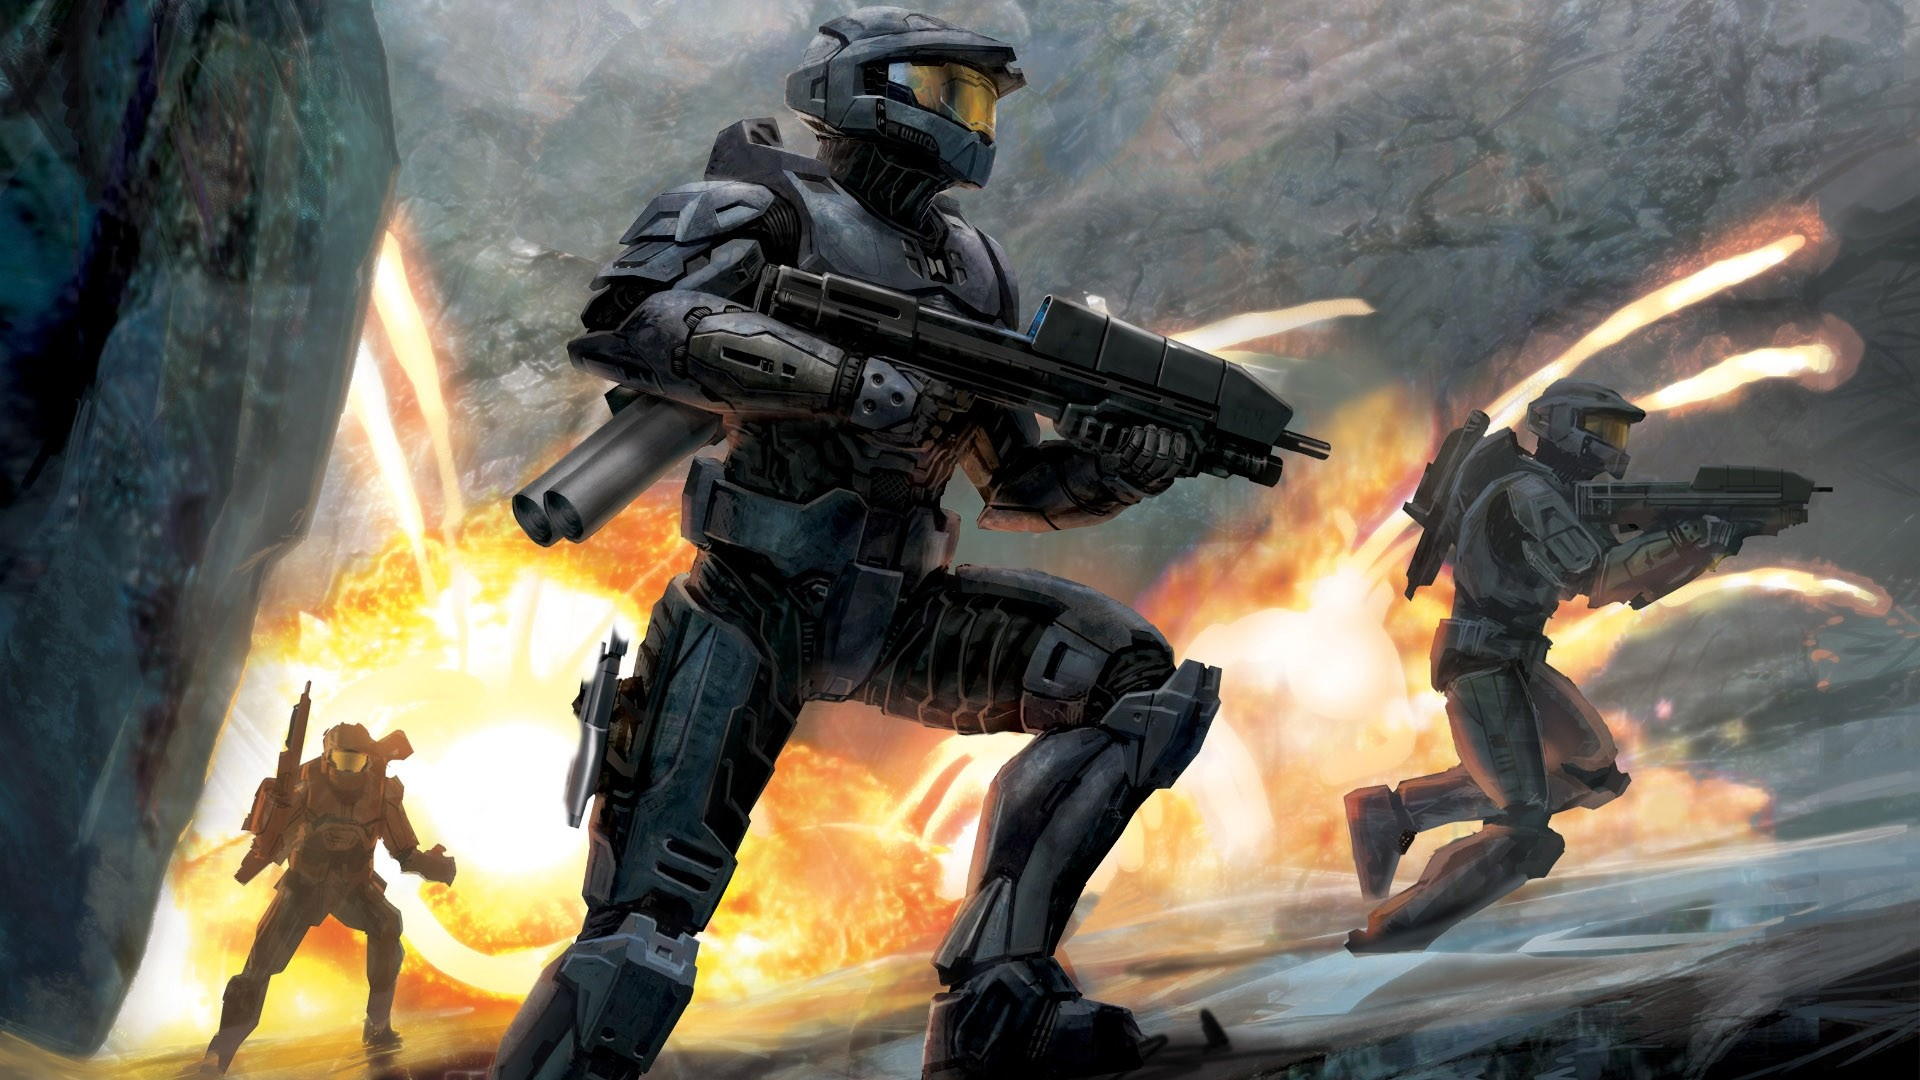 halo_soldiers_fire_gun_21929_1920x1080.jpg